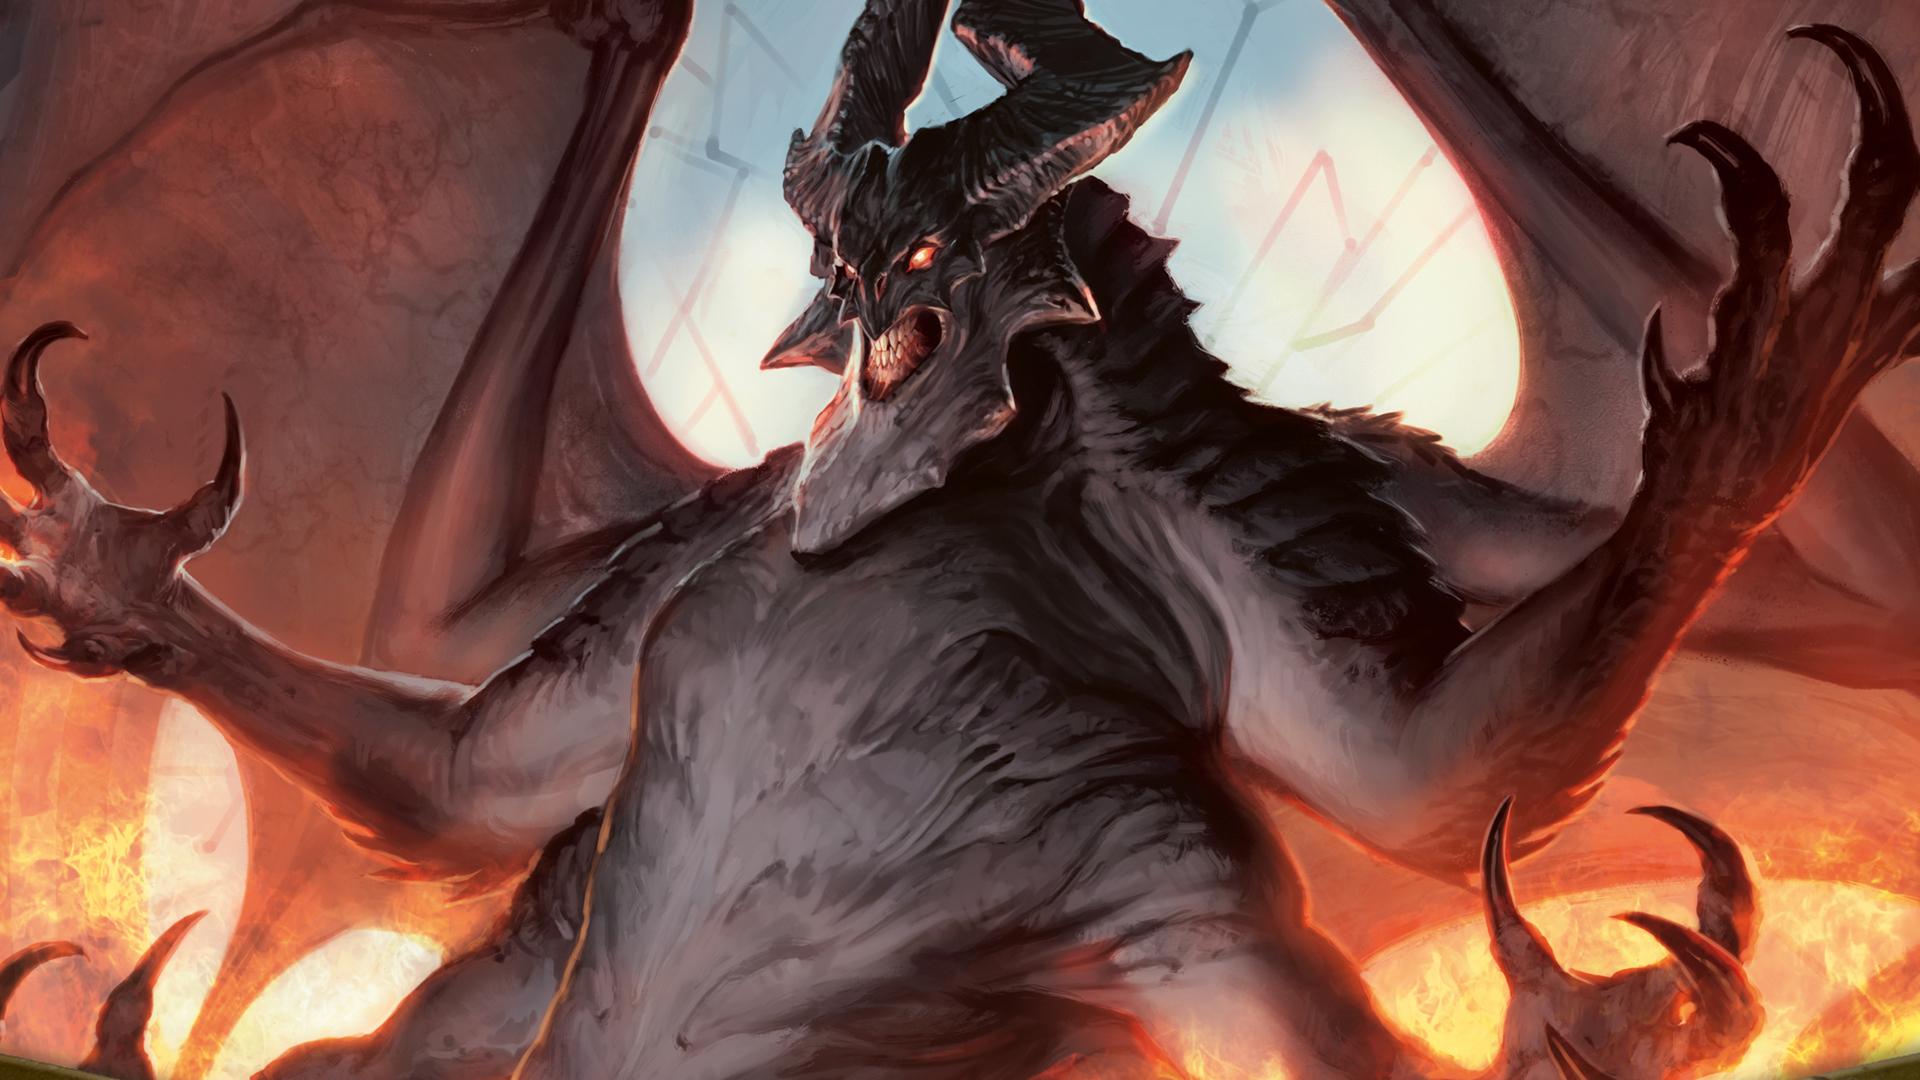 как демонические драконы картинки закружился вихре чувств